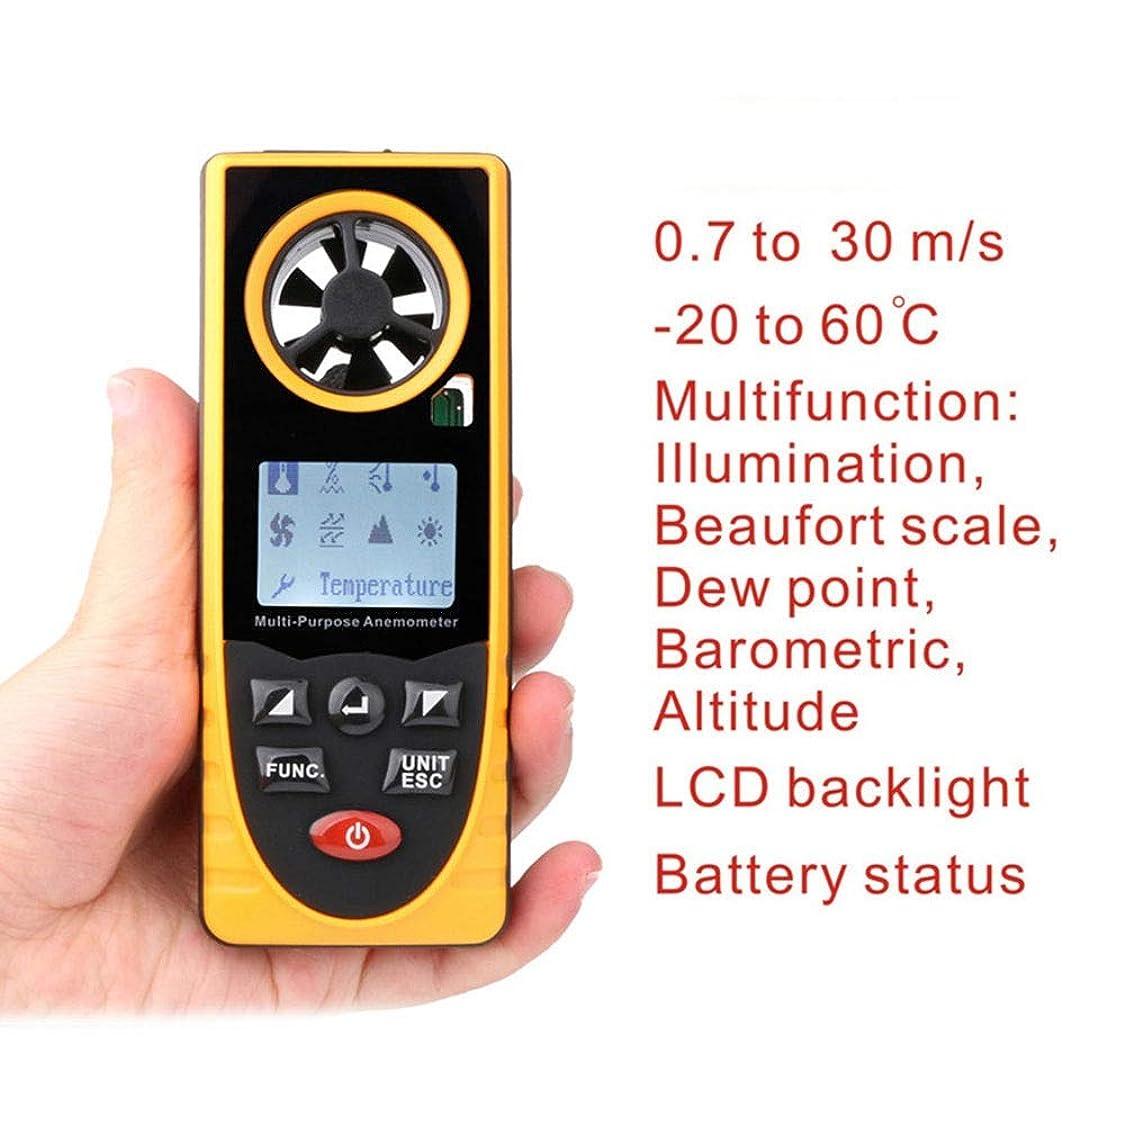 時計回り不当カストディアンLilyAngel 多機能デジタル風速計ハンドヘルド風速計高精度ポータブル風速計 (色 : As picture)